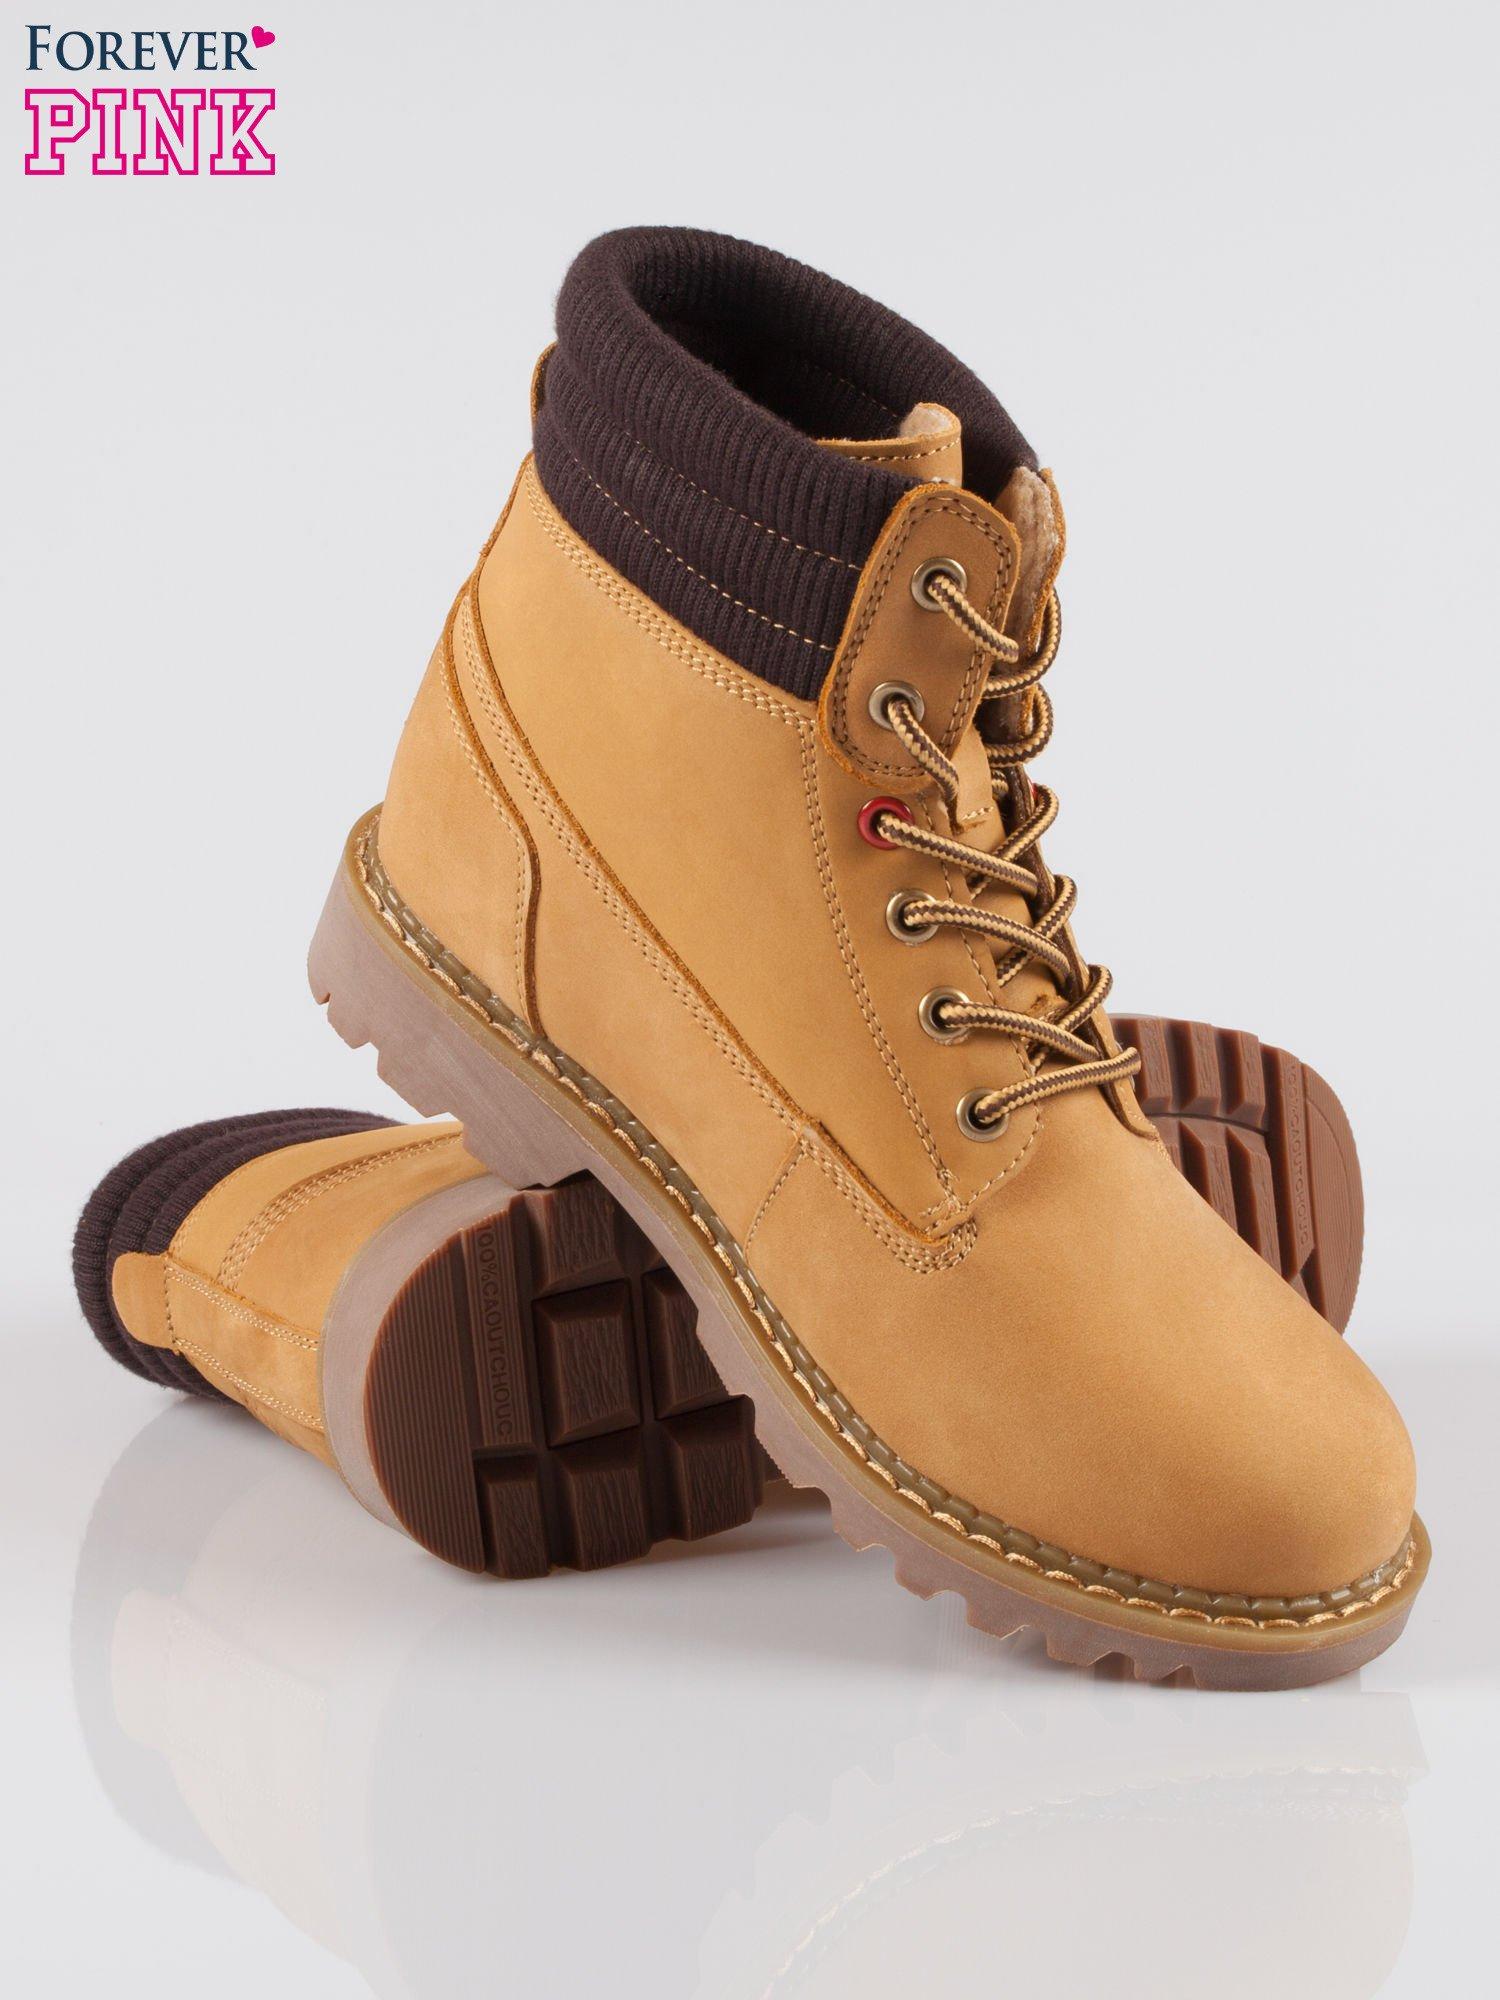 Camelowe buty trekkingowe traperki damskie z elastycznym kołnierzem ze skóry naturalnej                                  zdj.                                  4